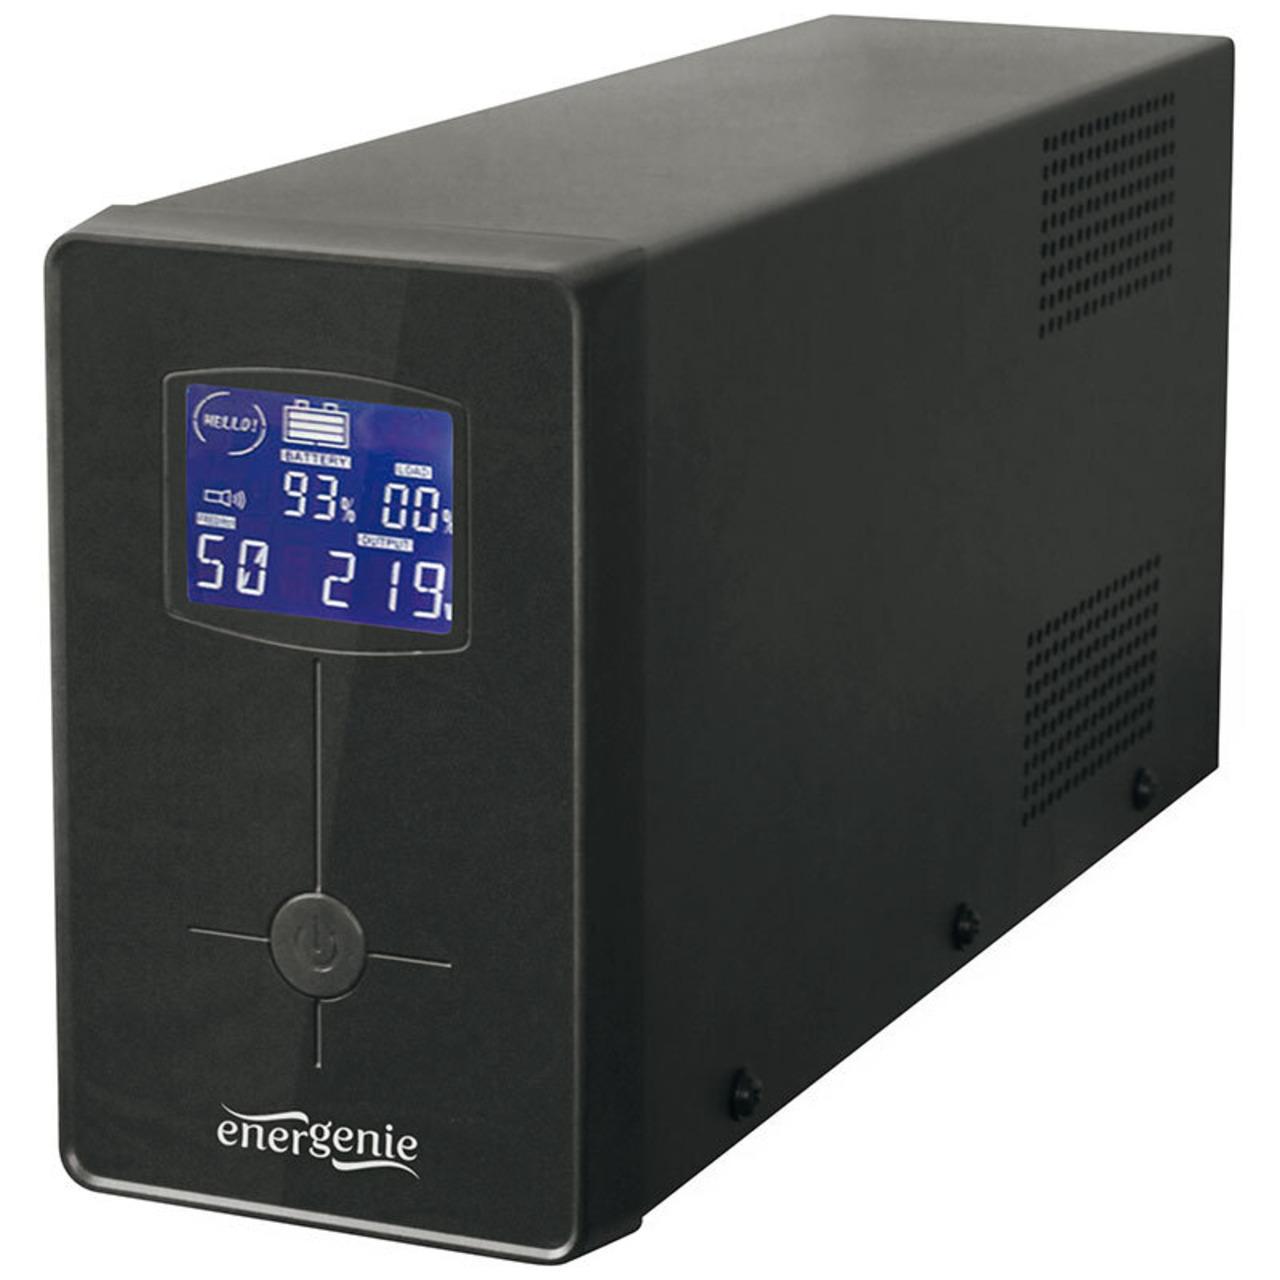 Energenie USV-Anlage mit LCD Anzeige-1500 VA- schwarz